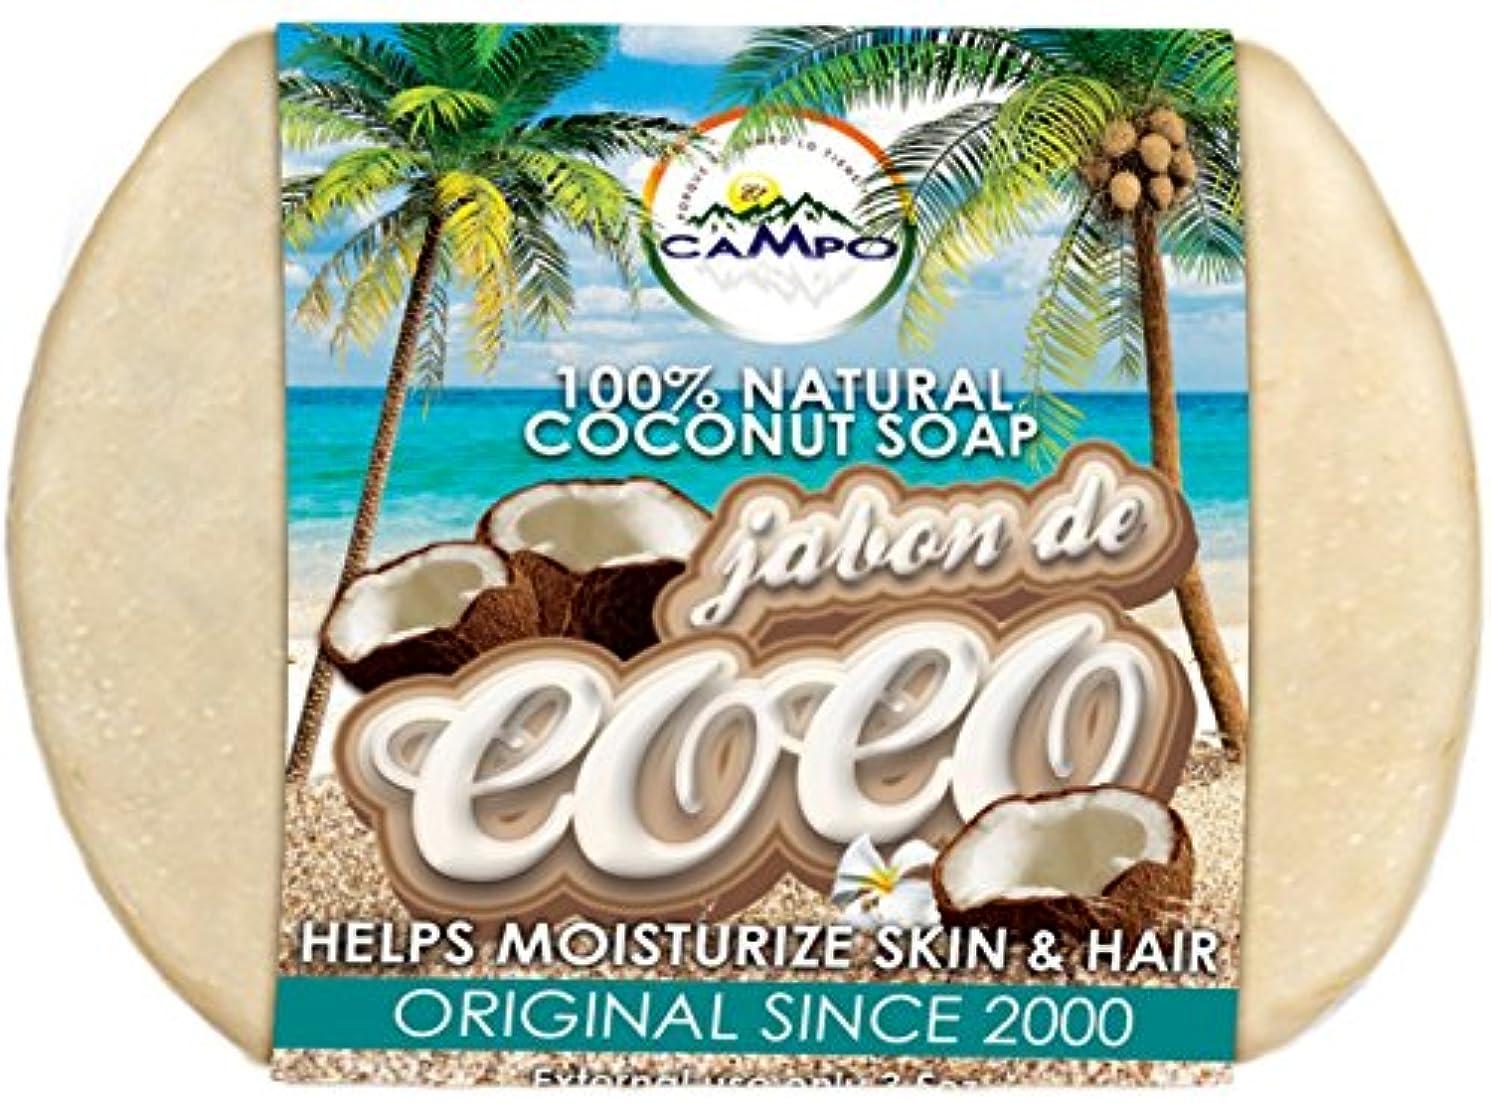 興奮する望遠鏡測定可能Jabon De Coco (Coconut Soap) (dollars)14.99 High Quality Use Once and See the Difference